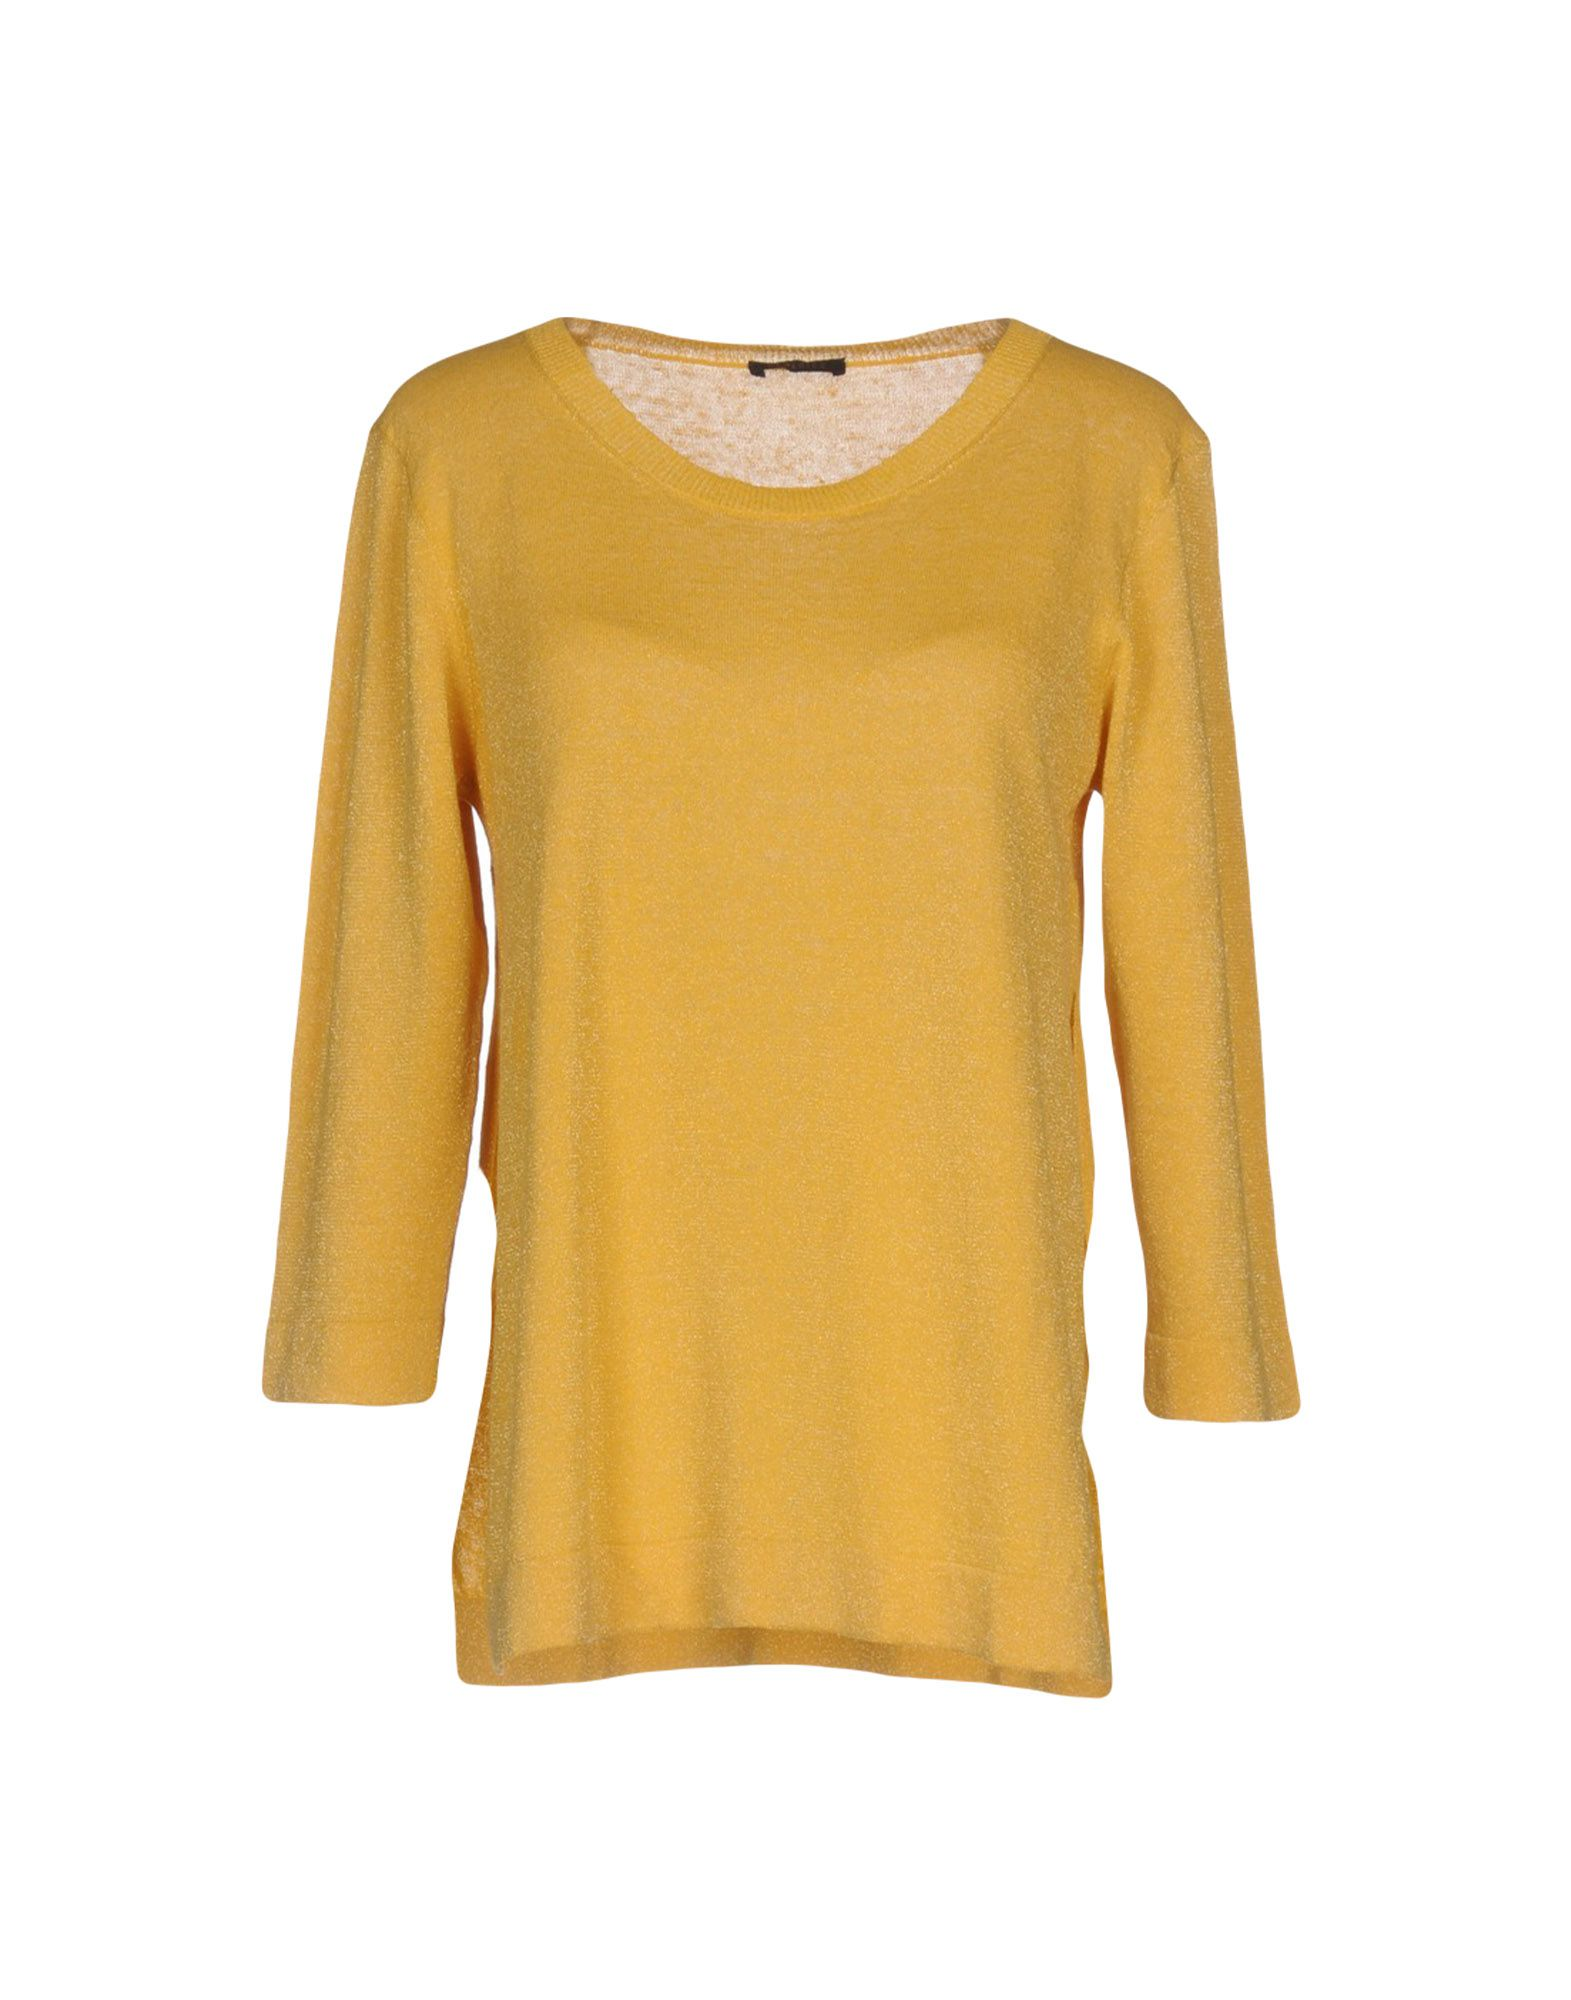 PESERICO Damen Pullover Farbe Gelb Größe 5 - broschei